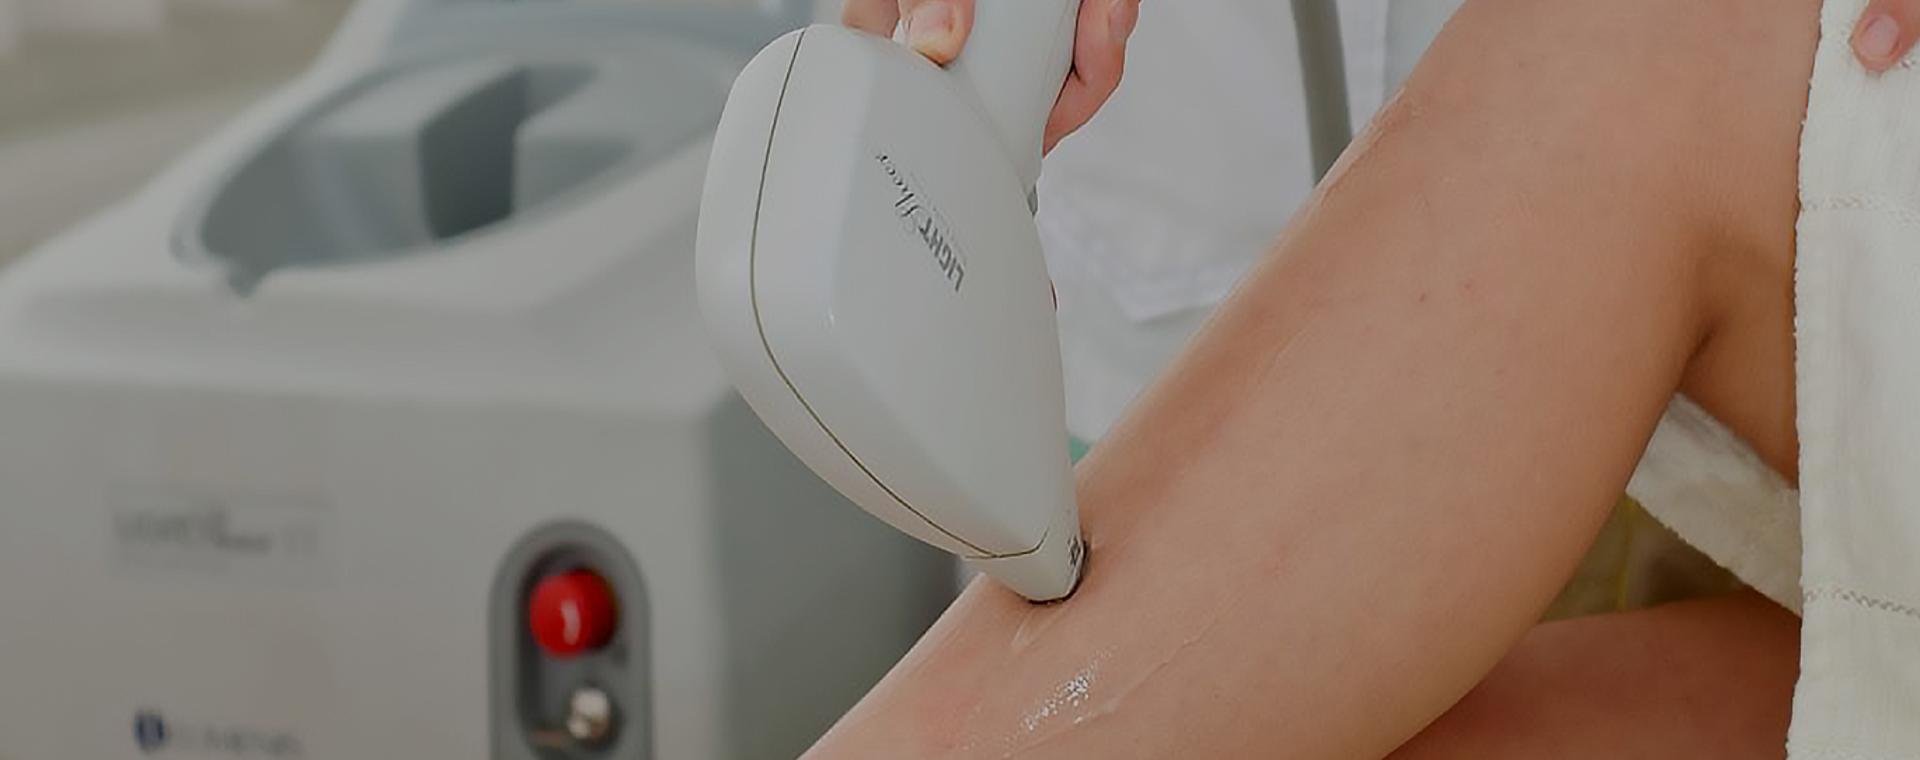 depilacion laser en san nicolas